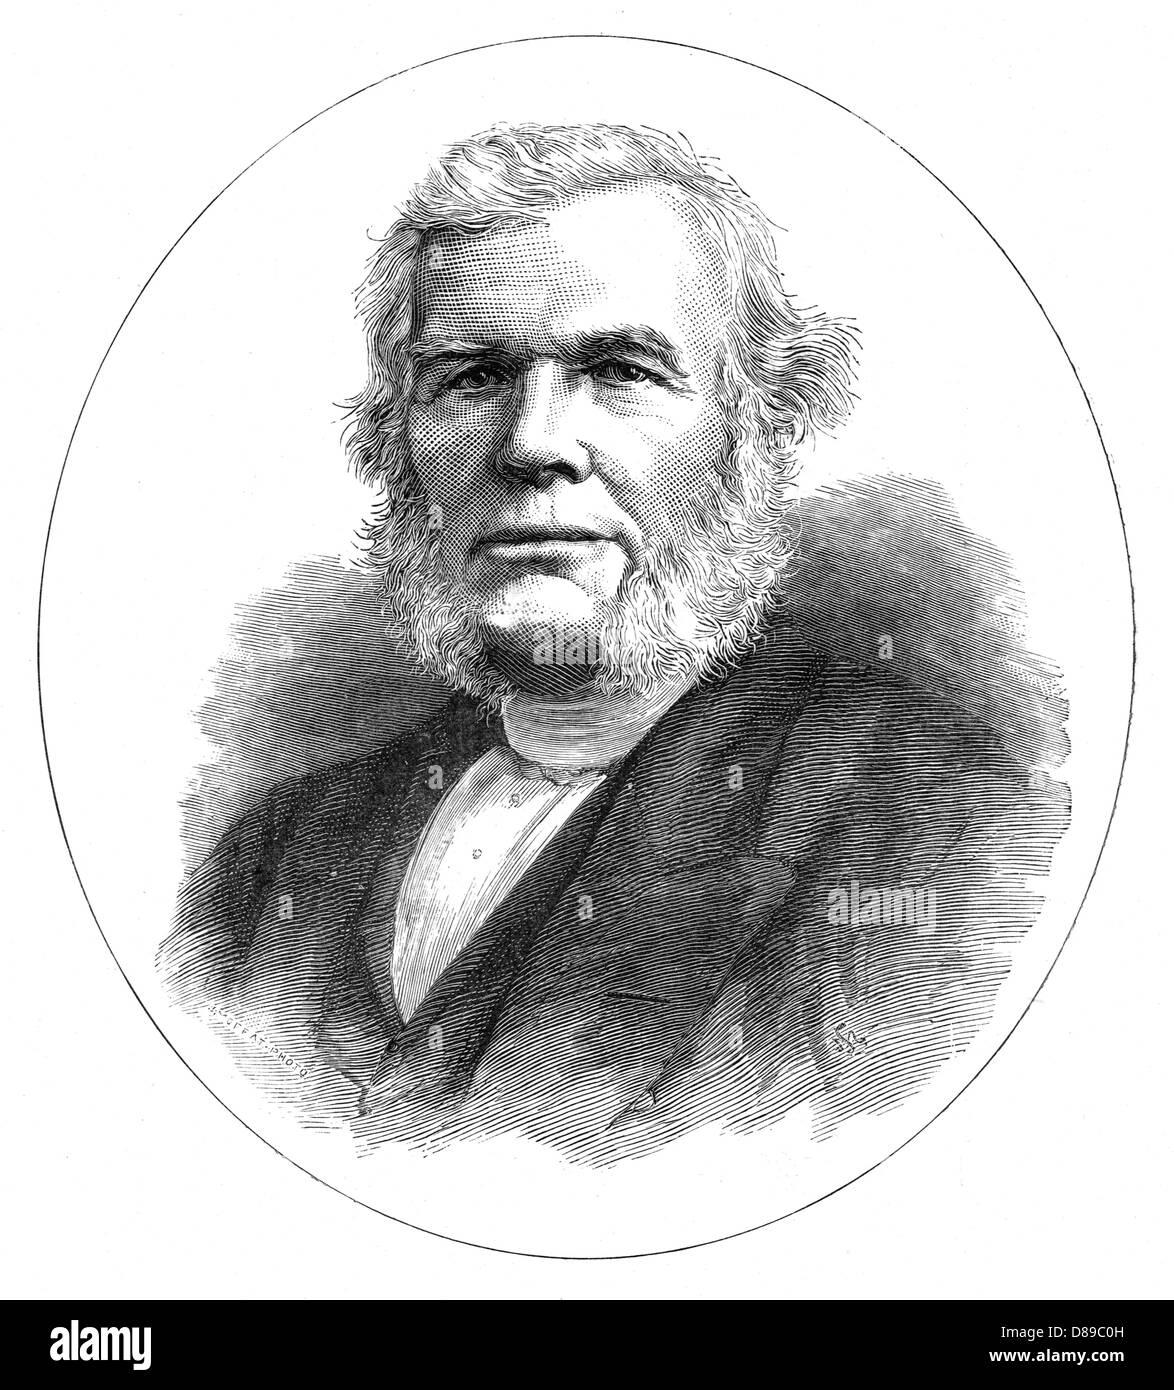 John Cairns Net Worth